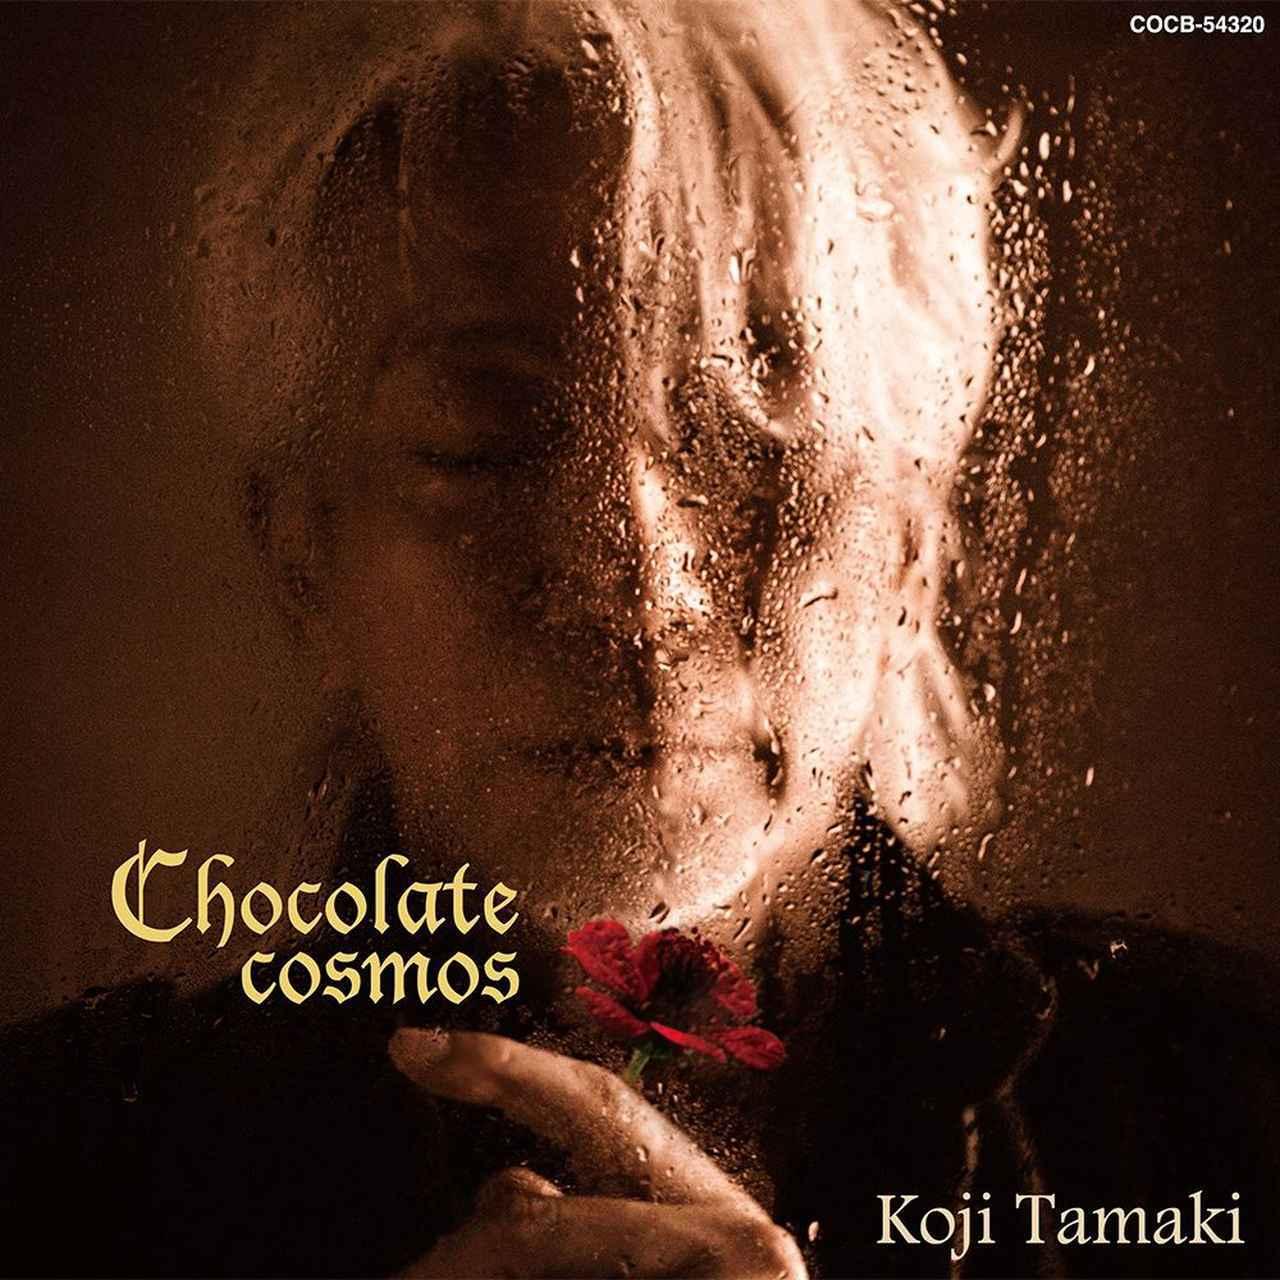 画像2: 孤高のヴォーカリスト「玉置浩二」、ニューアルバム『Chocolate cosmos』発売記念イベントが大盛況のうちに終了! 併せて弊社ソフトもお楽しみ下さい